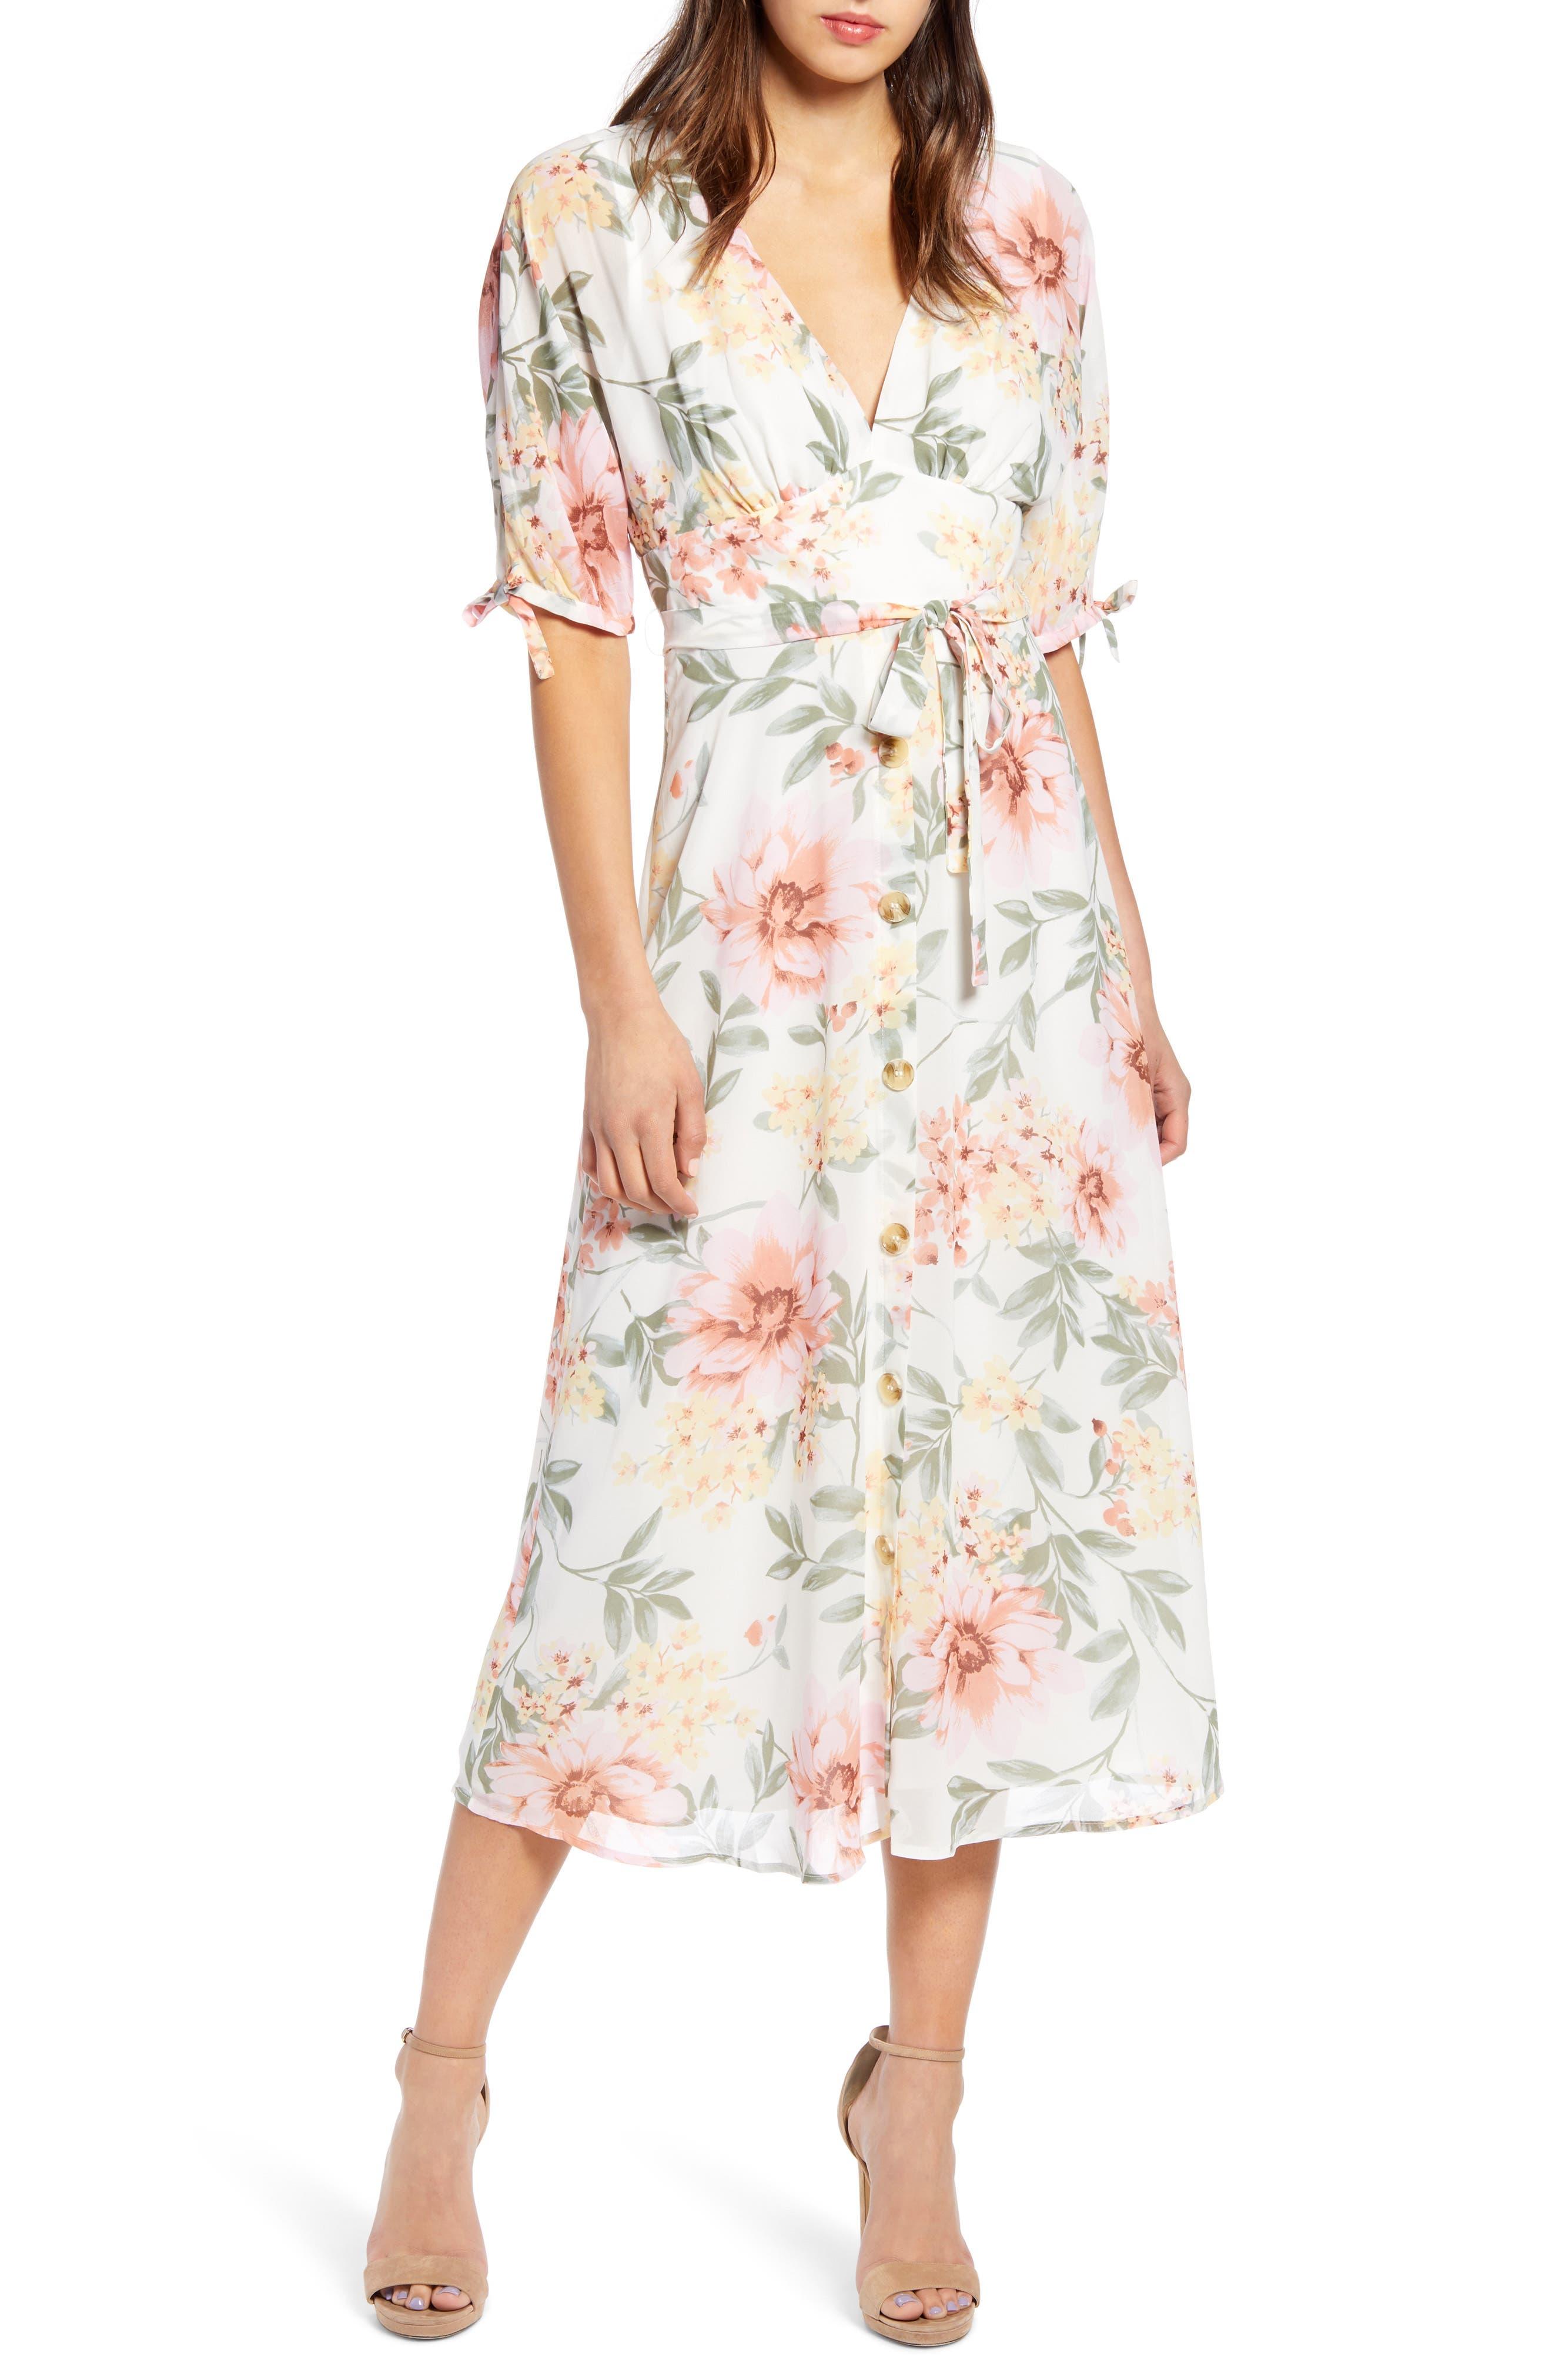 JUNE & HUDSON, Floral V-Neck Tie Front Dress, Main thumbnail 1, color, IVORY/ ROSE/ SAGE